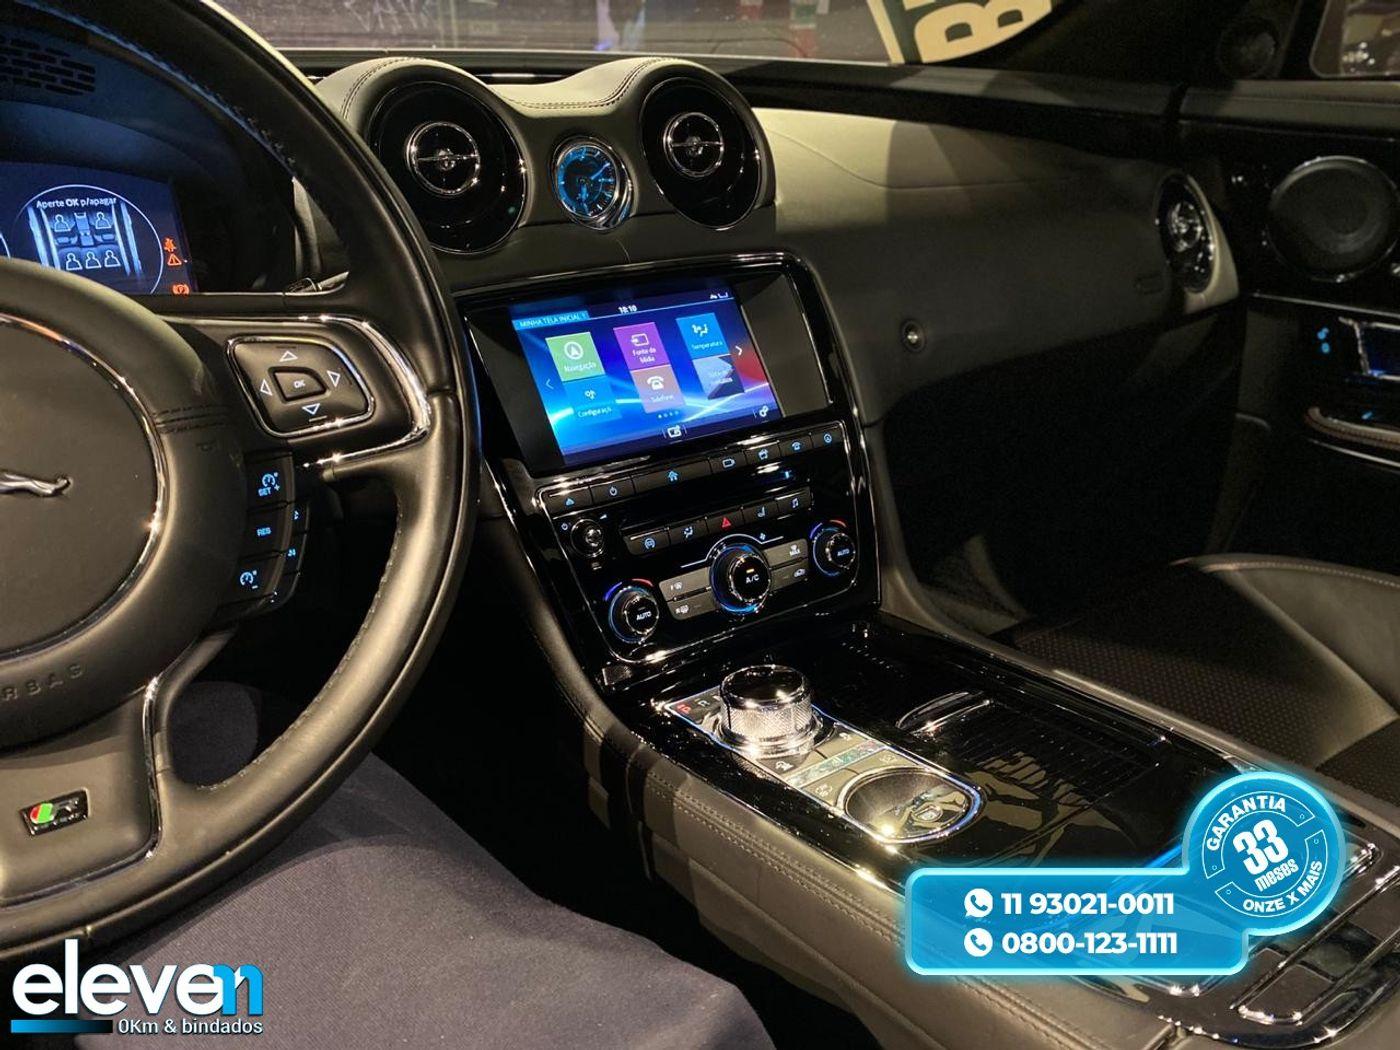 Jaguar XJ 3.0 R-Sport Supercharged V6 Aut.